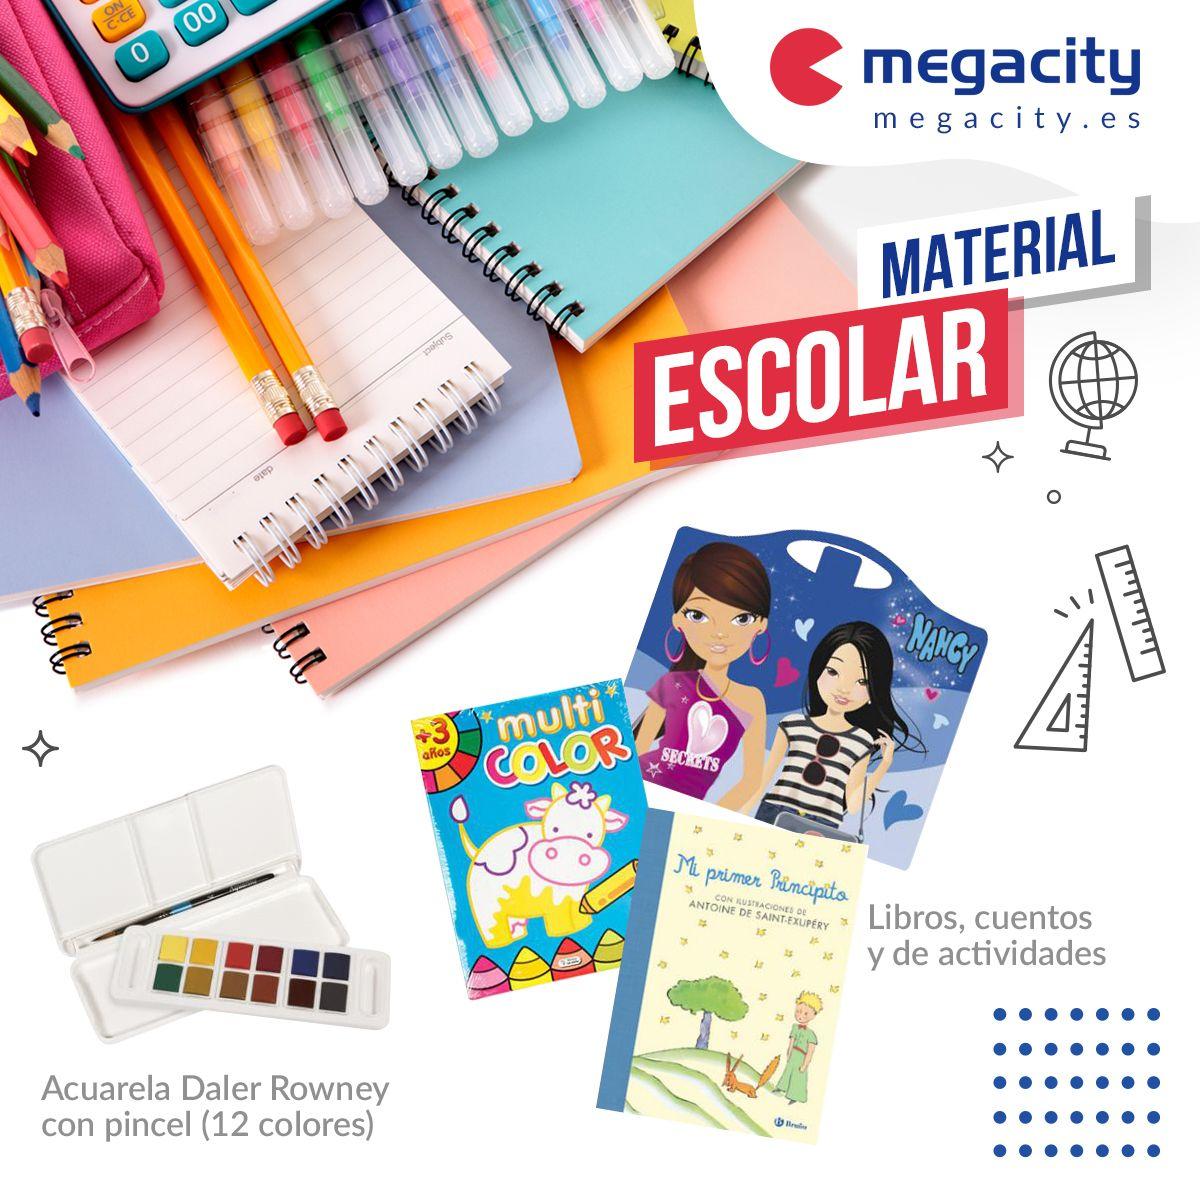 Megacity baja sus precios en material escolar con ofertas en una amplia variedad de productos